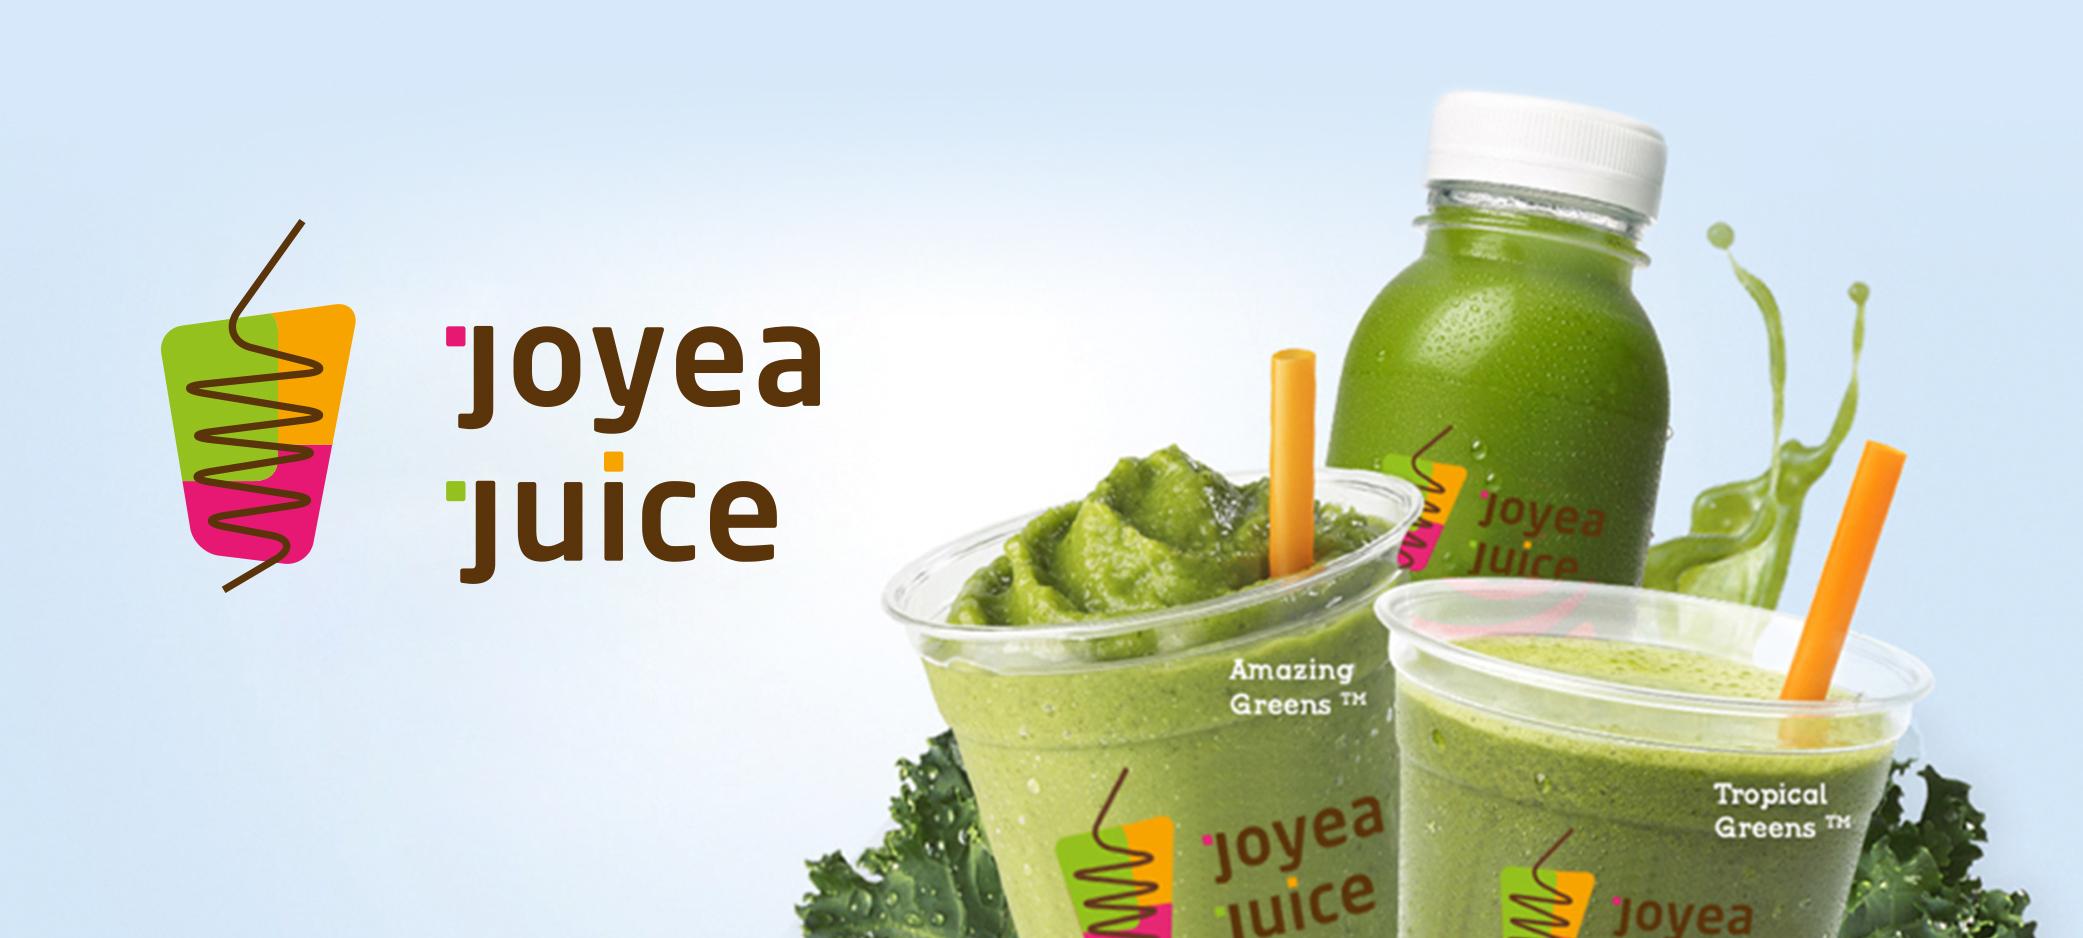 鲜榨果汁饮料品牌全案策划&品牌设计